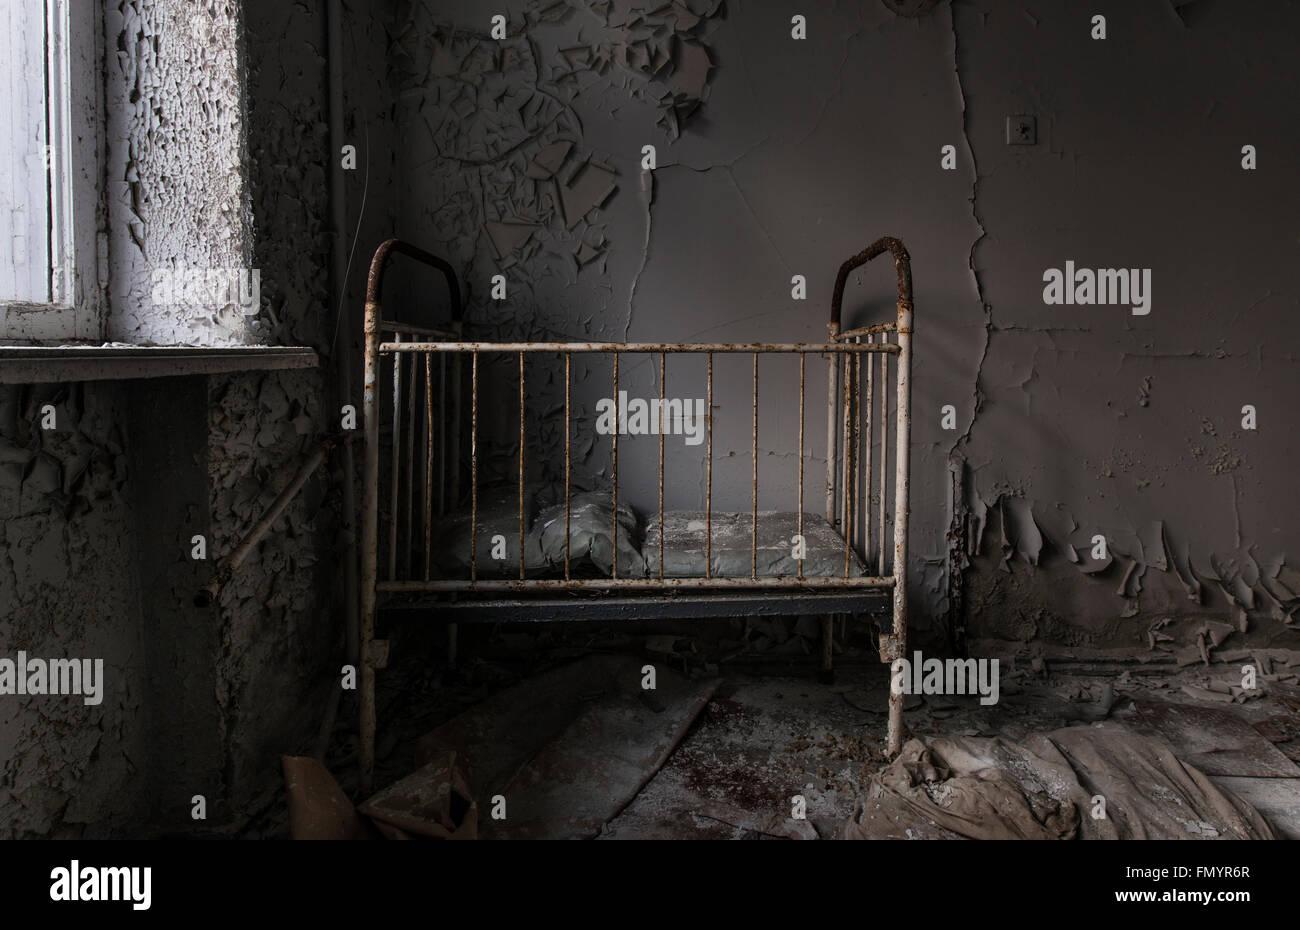 cot in Pripyat, Chernobyl scene of 1986 nuclear disaster - Stock Image